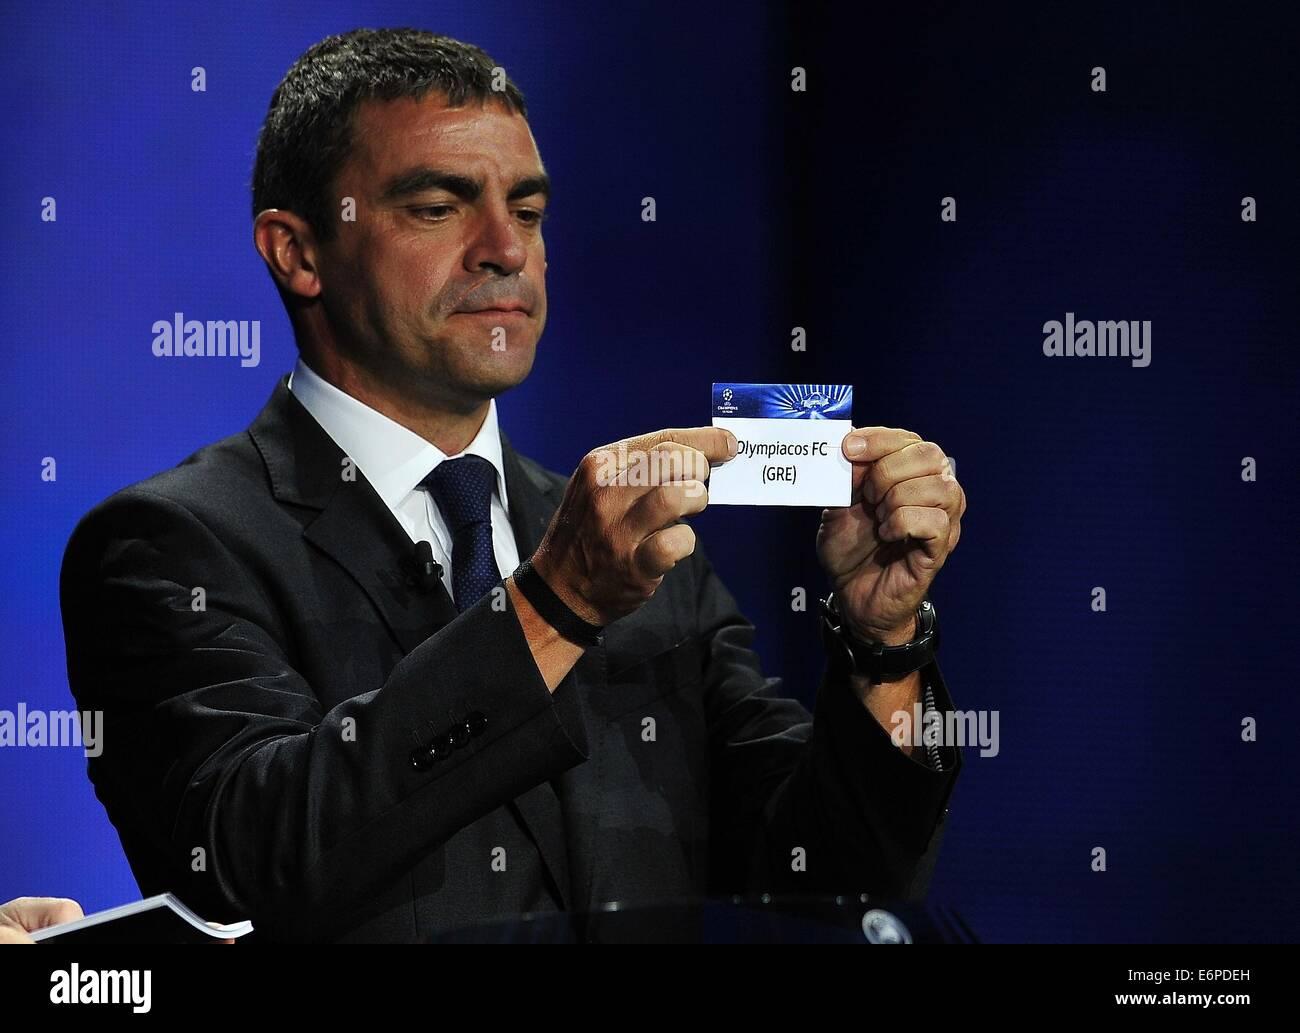 Monte Carlo, Monaco. 28 Aug, 2014. Real Madrid CF, ex futbolista Manuel Sanchís teniendo Olympiacos FC, un Imagen De Stock